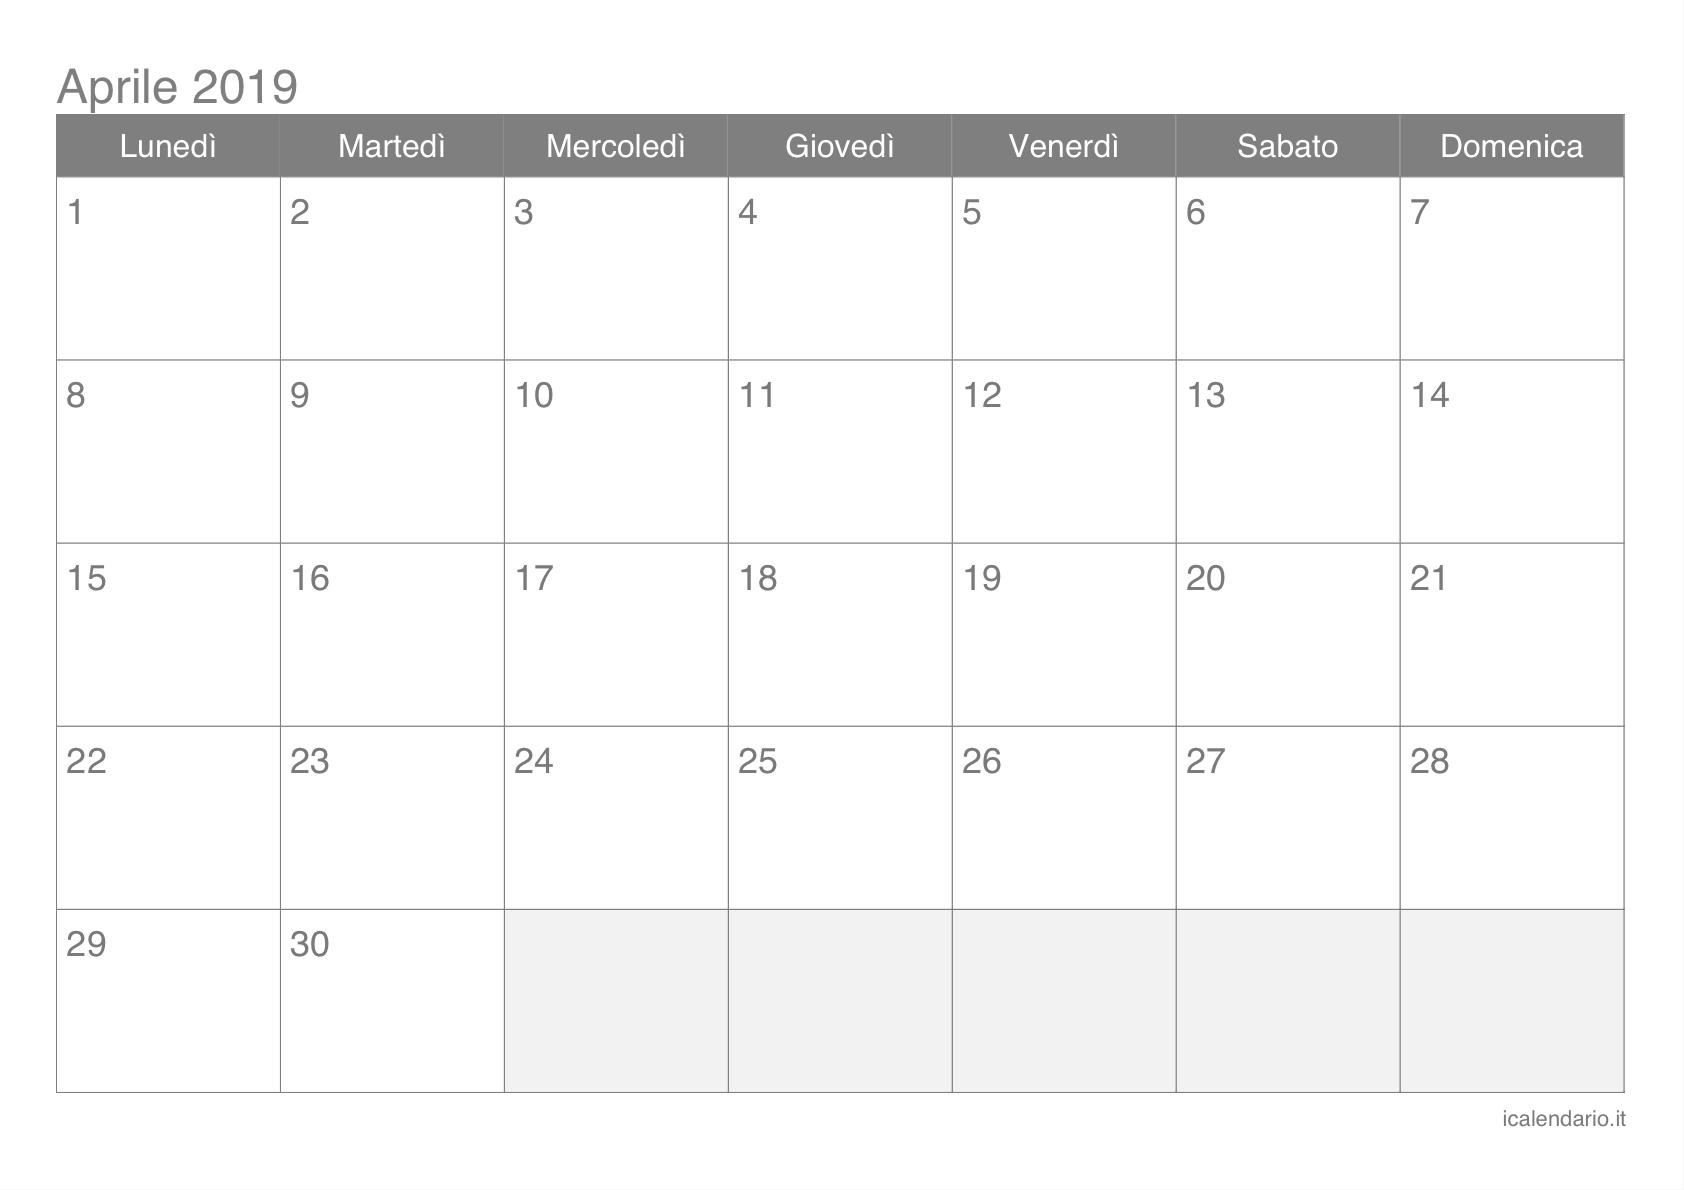 Cerca Calendario.Calendario Aprile 2019 Cerca Con Google Desktot